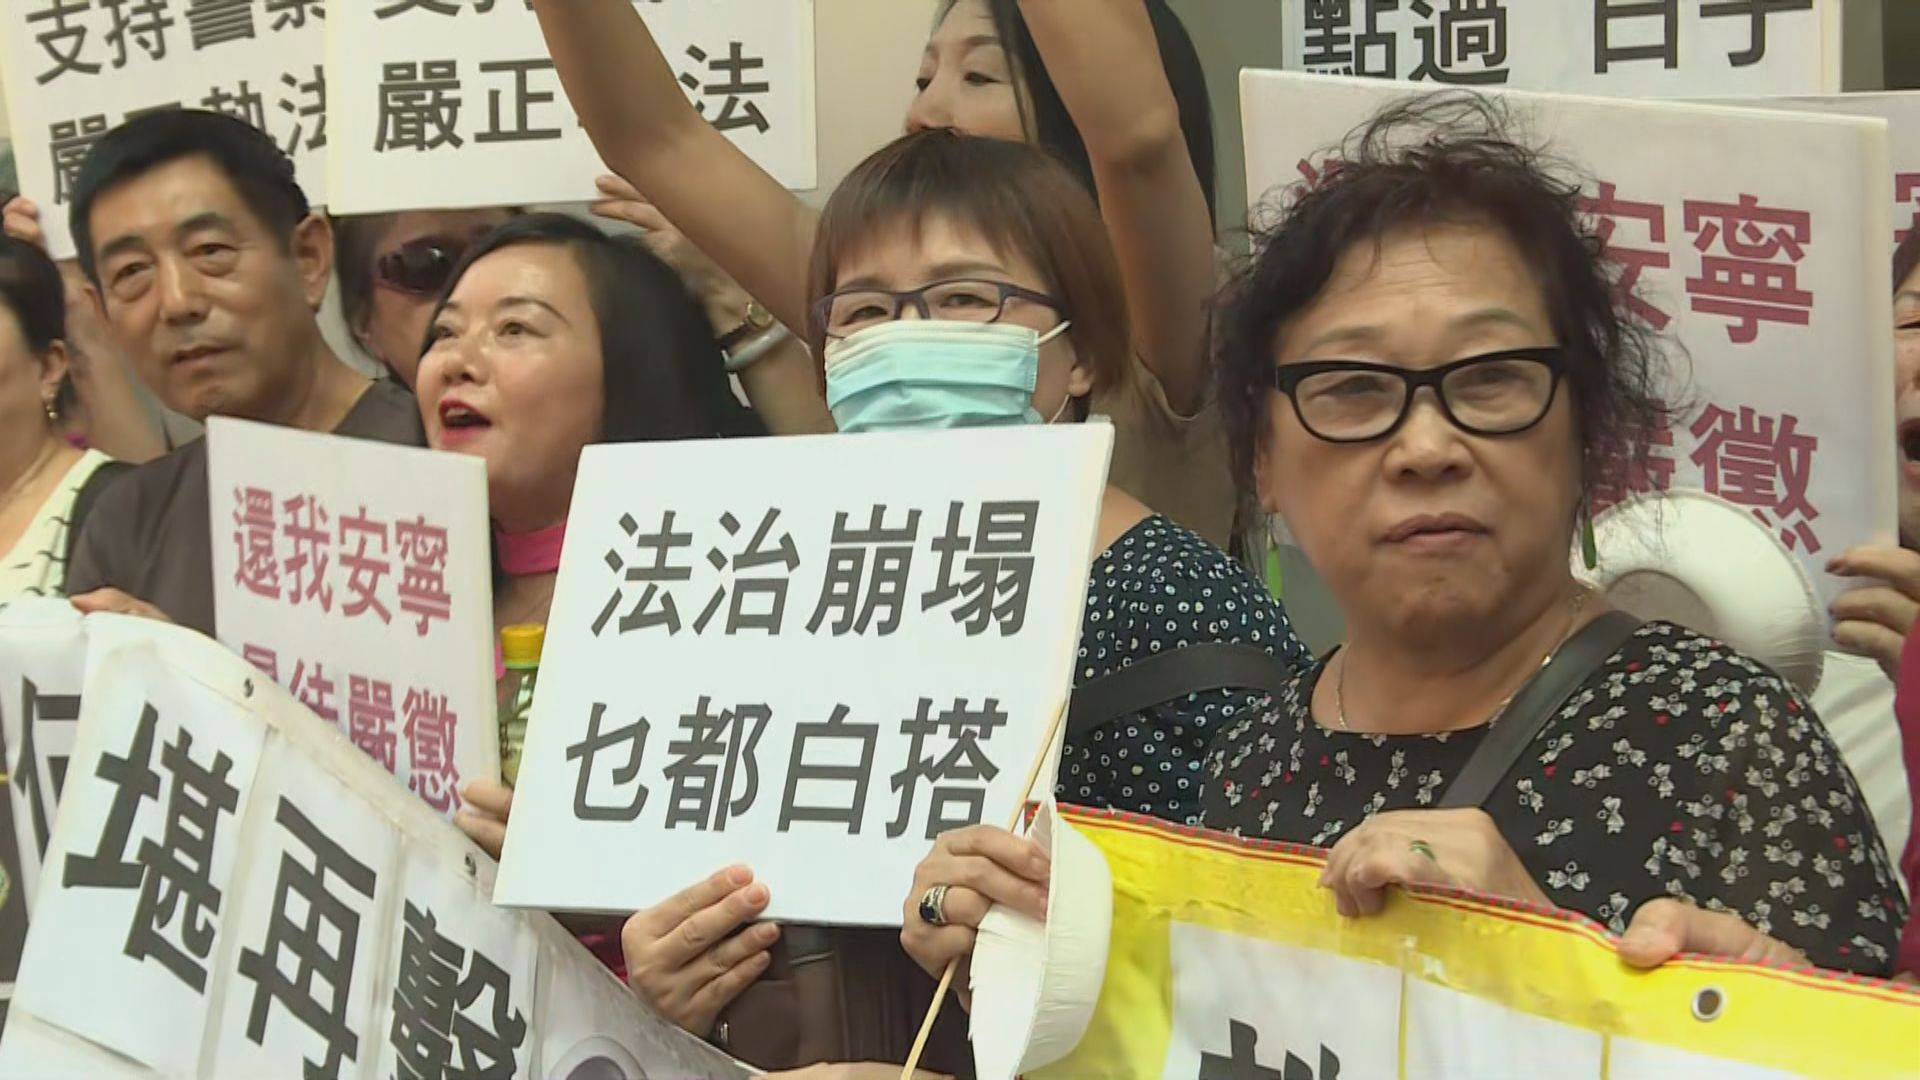 市民抗議教協煽動學生示威影響各行業生計